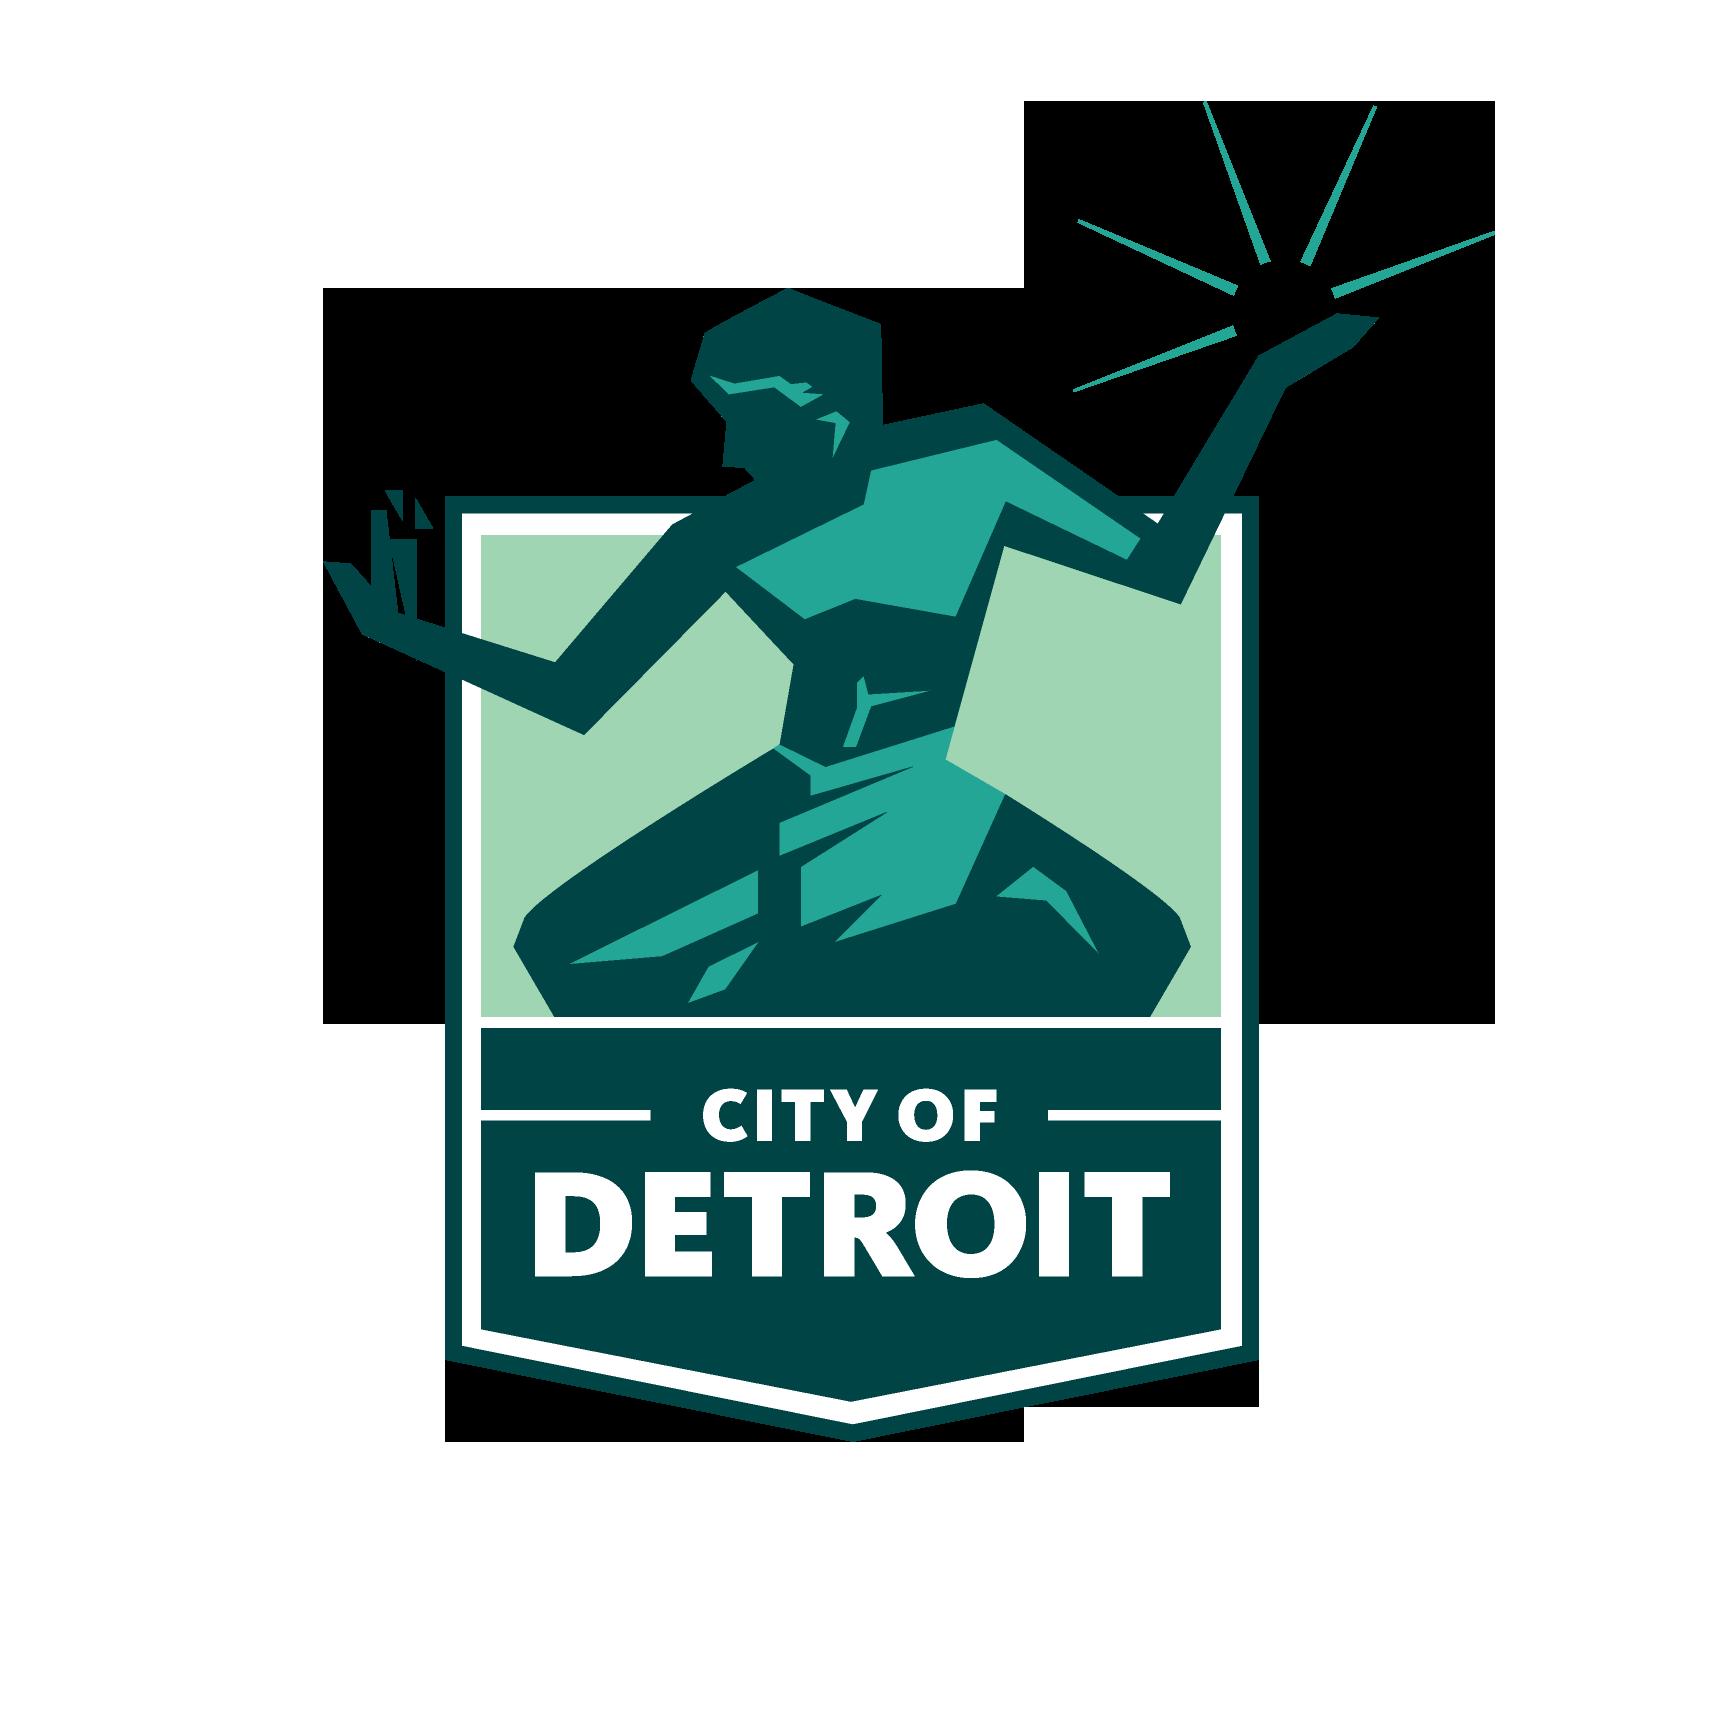 Neighborhood clipart neighborhood city. Citywide the neighborhoods of